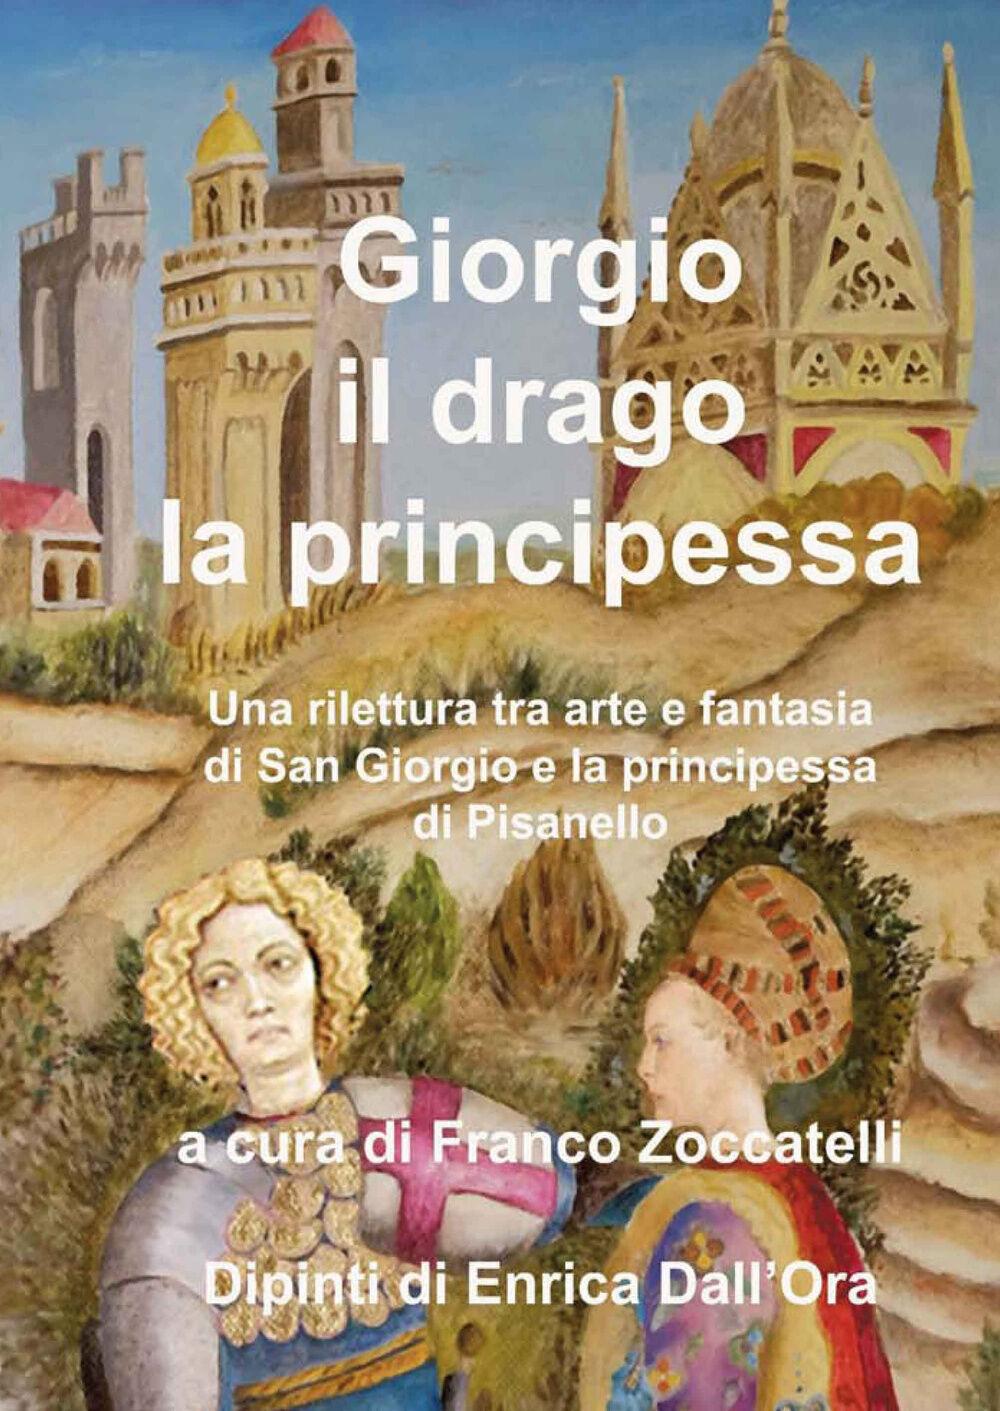 Giorgio, il drago, la principessa